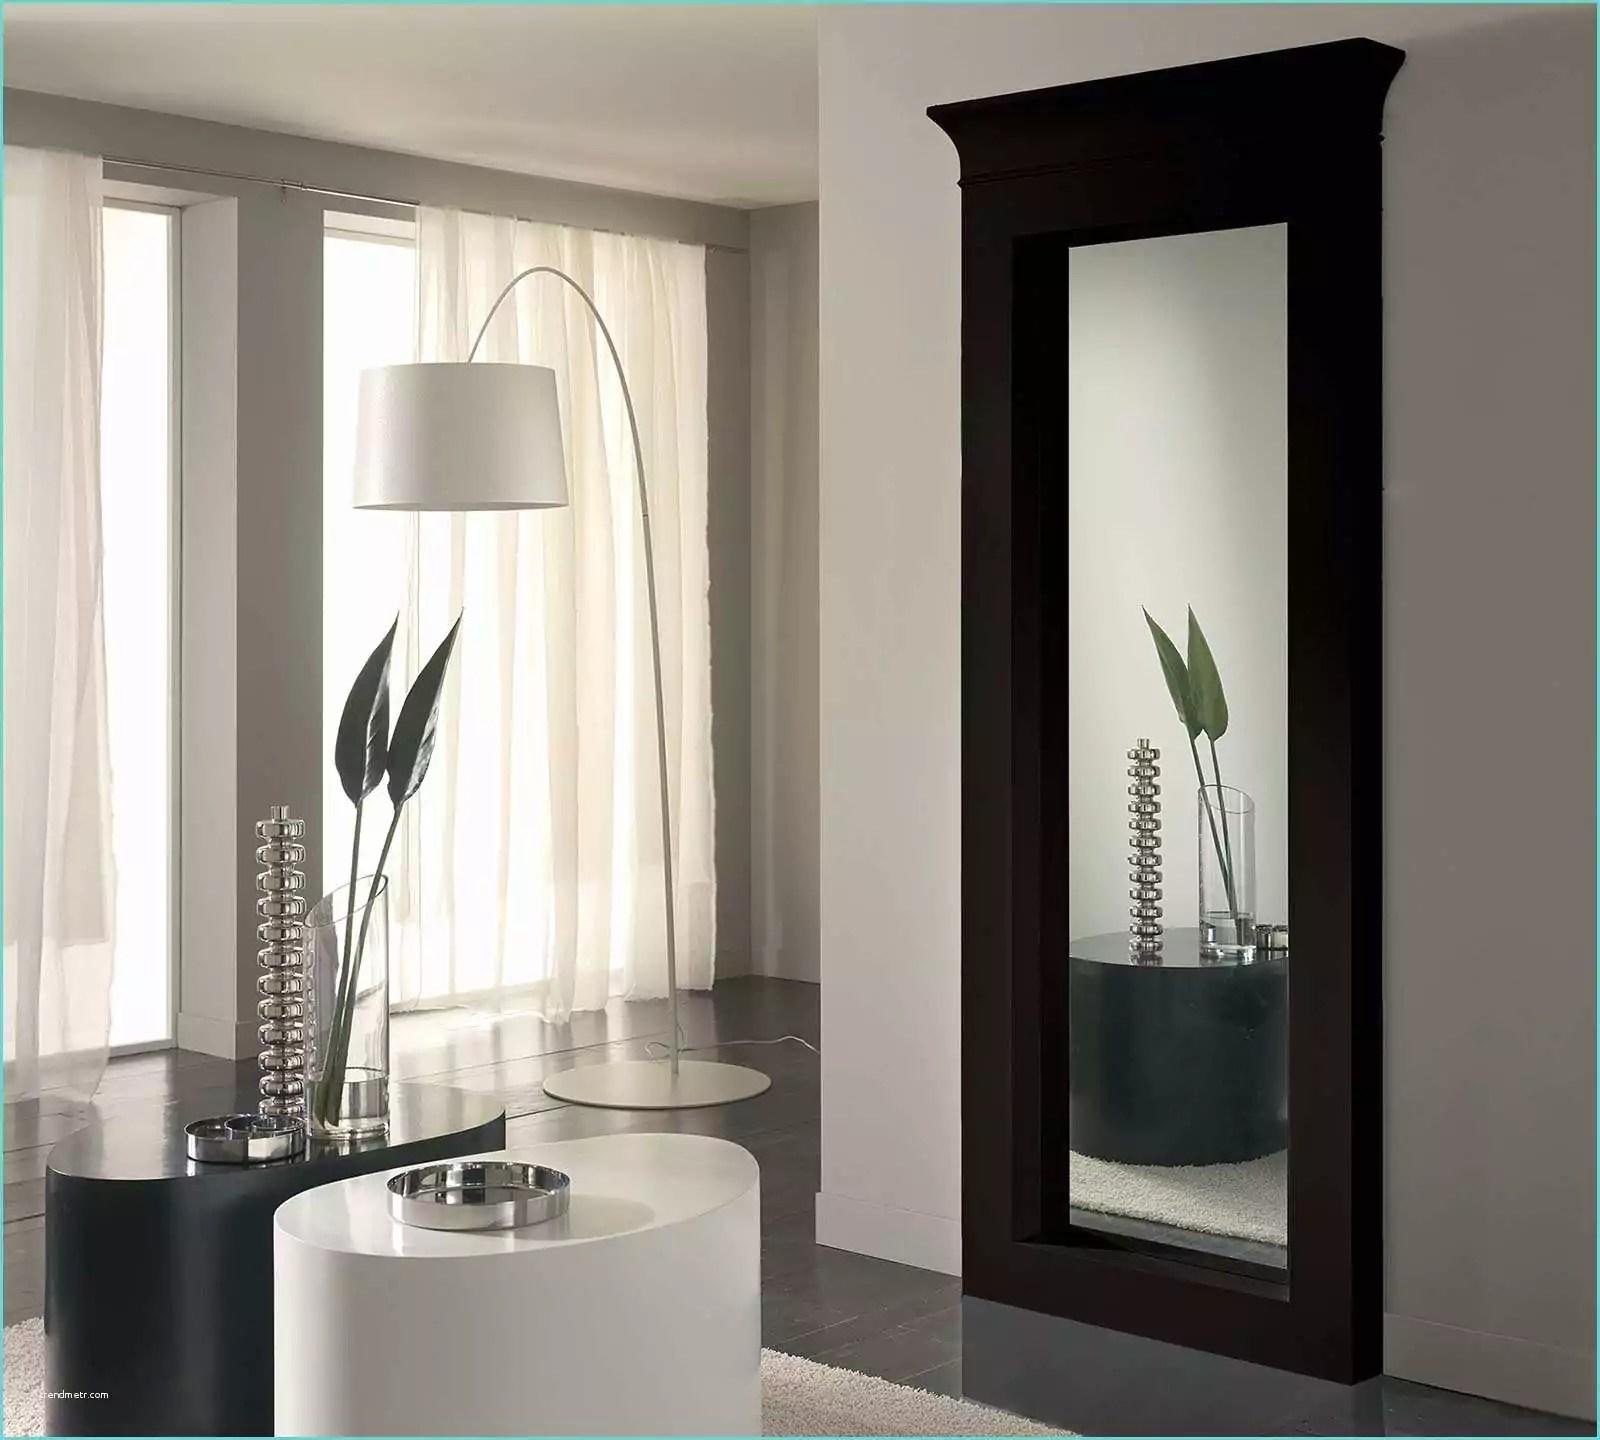 Specchi A Muro | Specchi Da Muro Al Miglior Prezzo